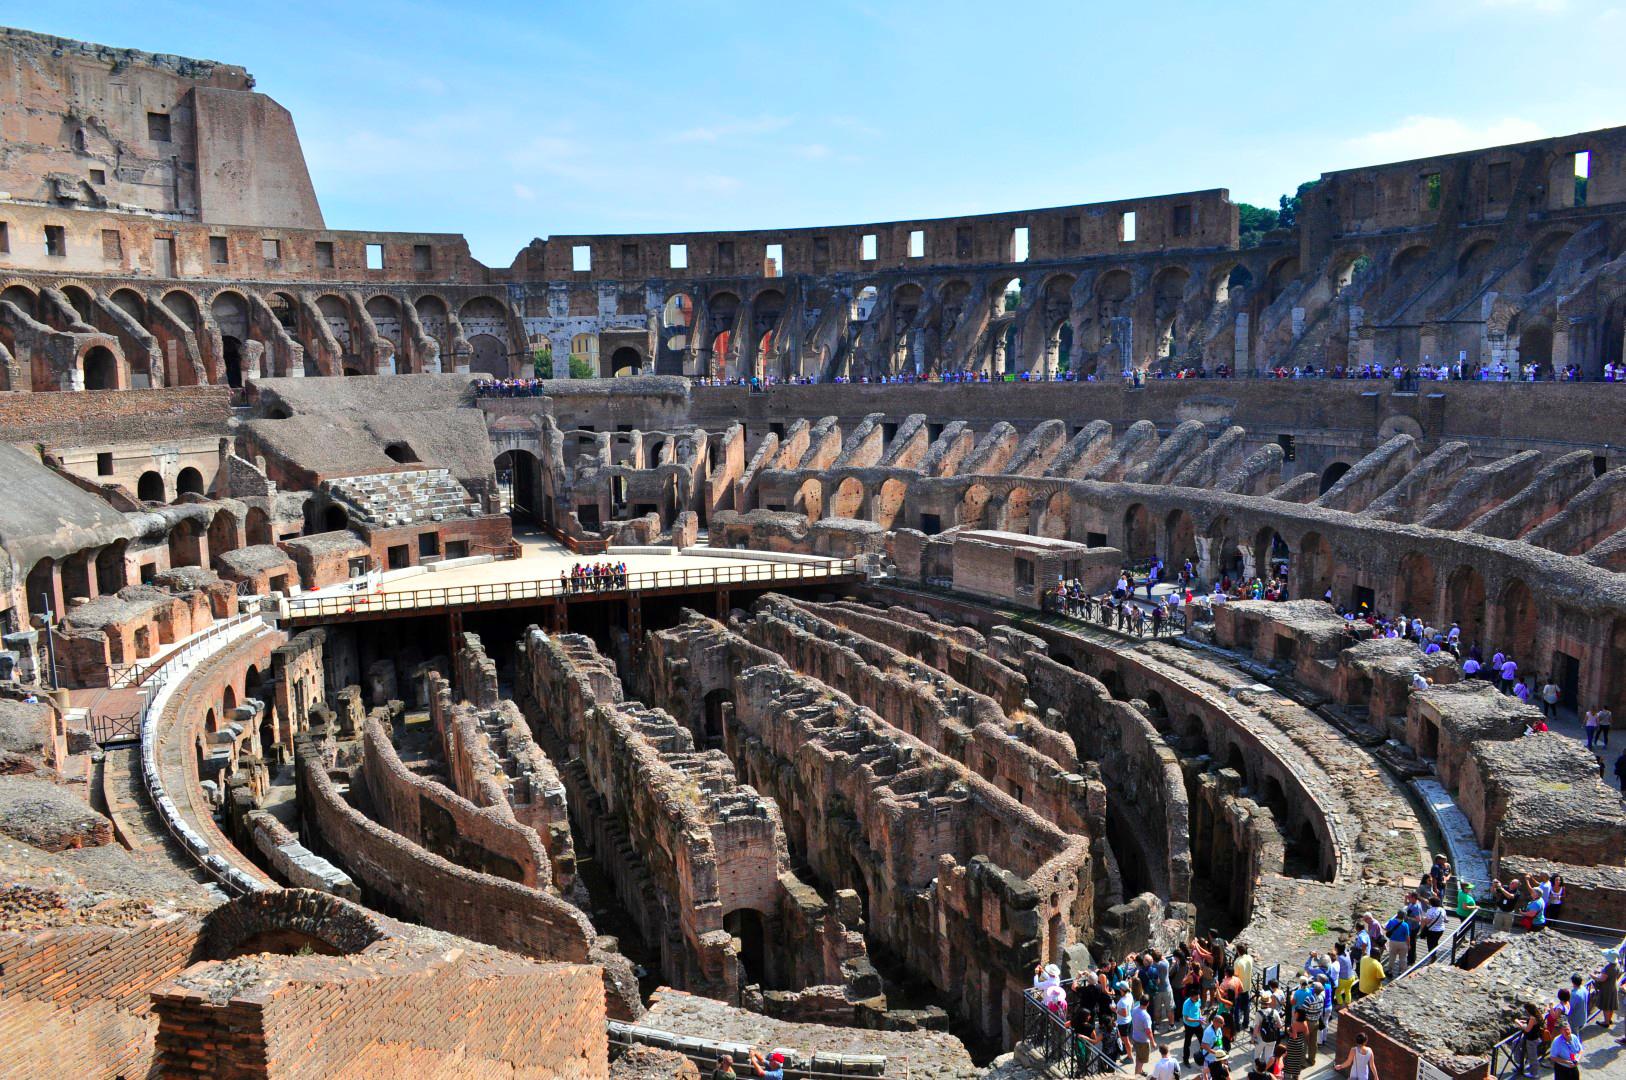 Qué ver en Roma, Italia roma - 29950399365 7756606fc6 o - 21+1 Cosas que NO hacer en Roma, Italia